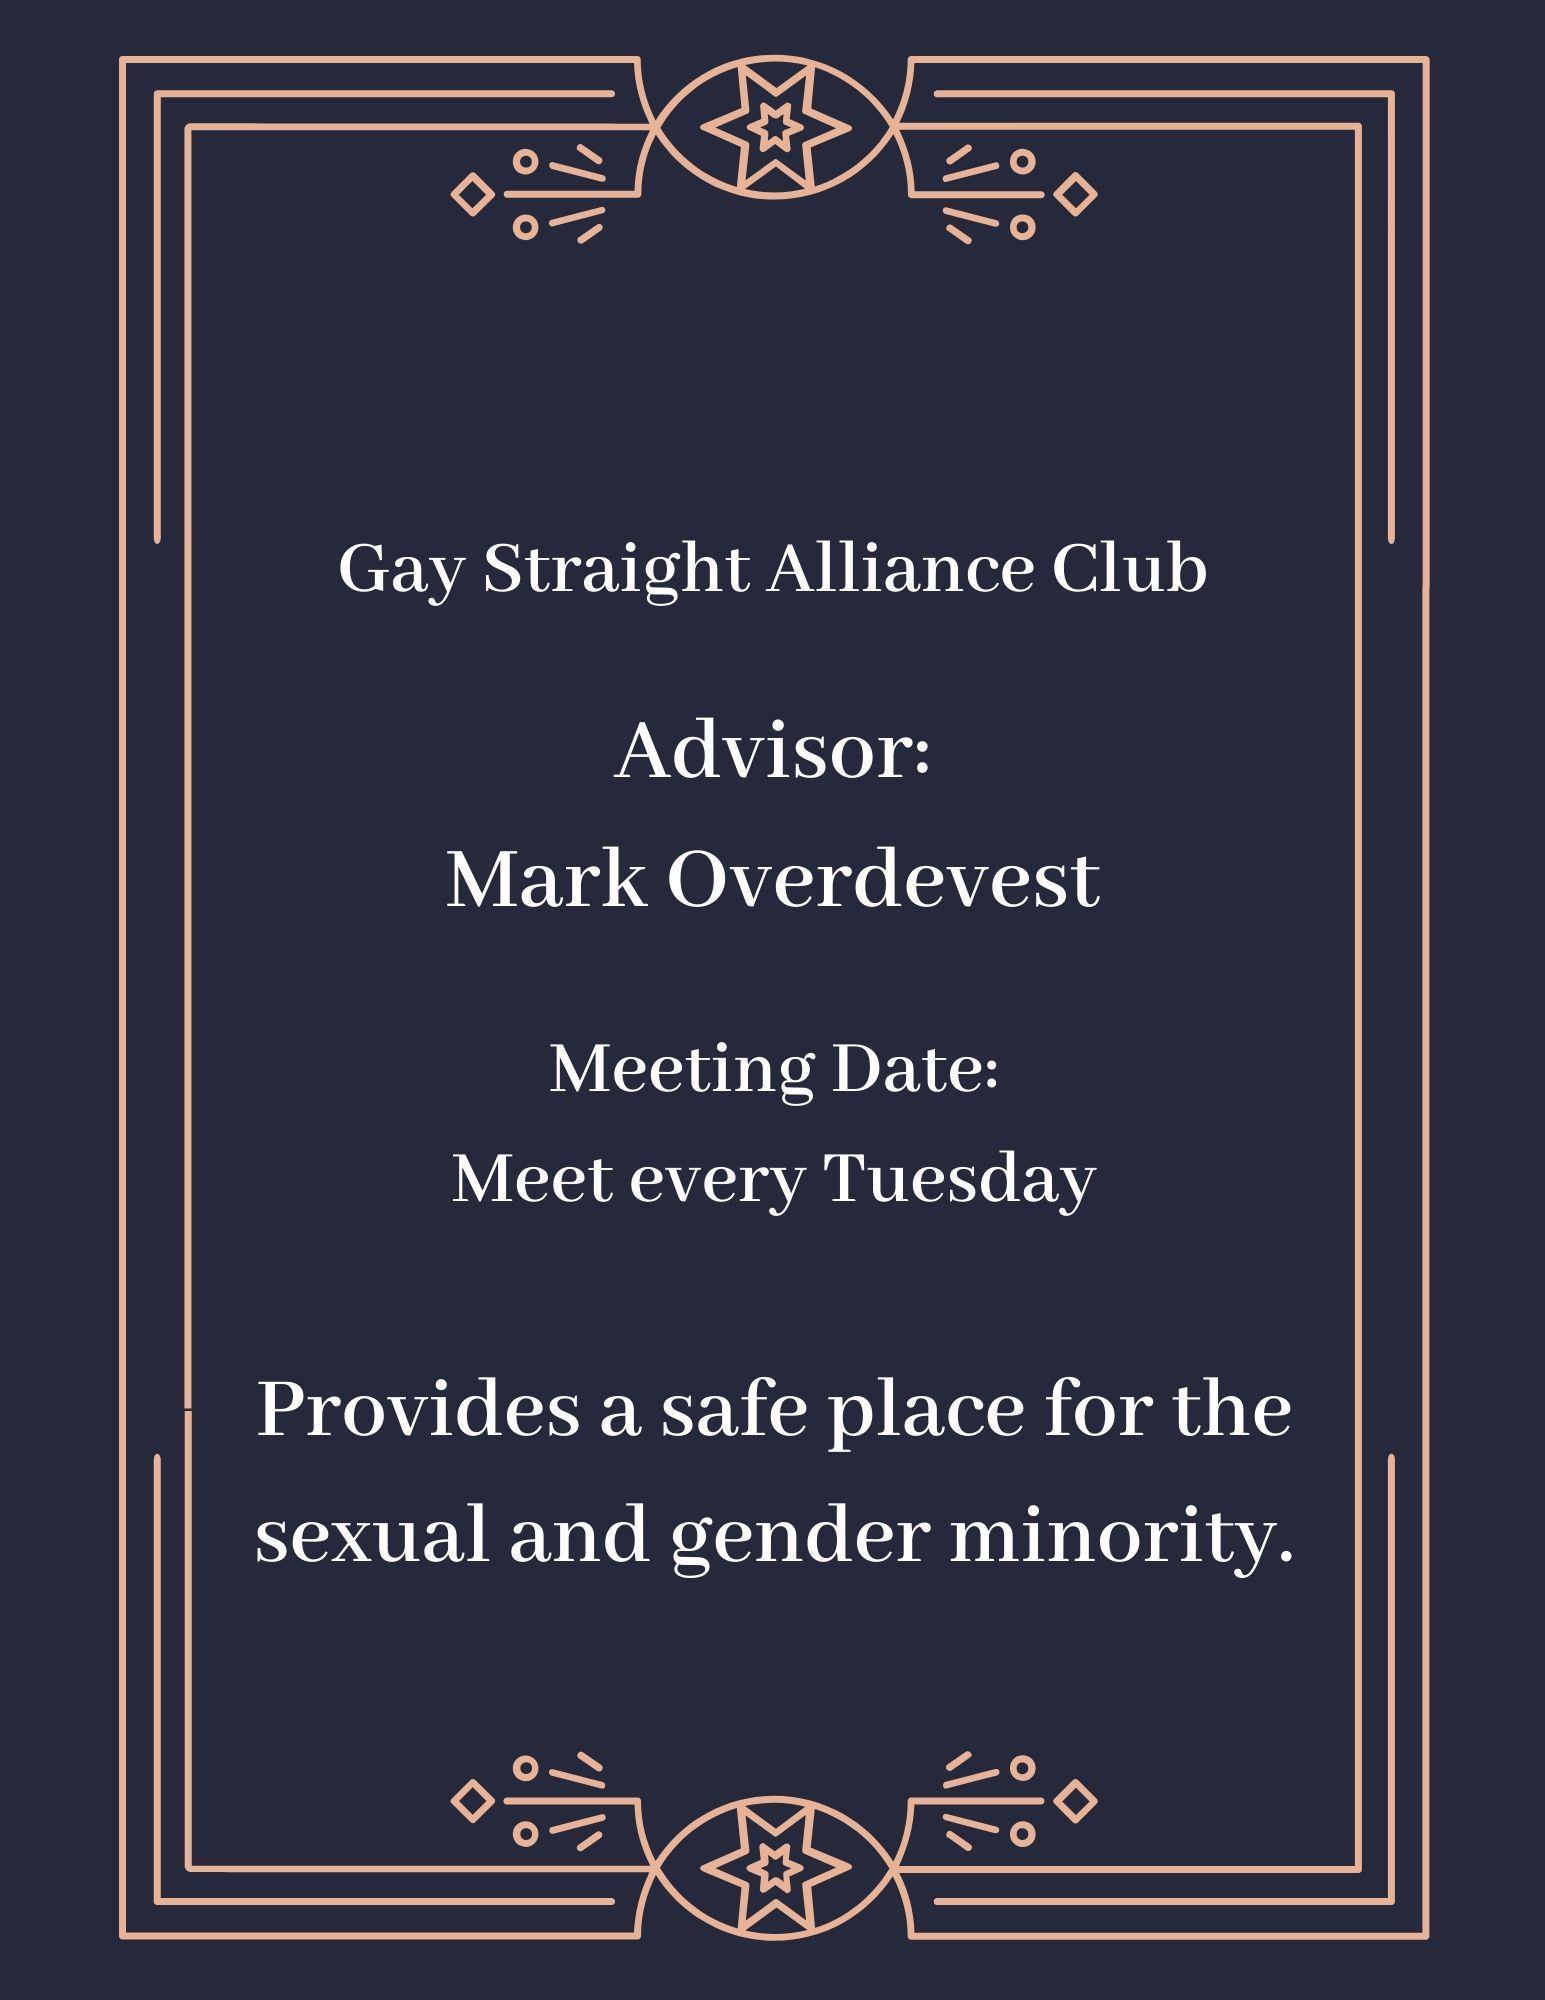 Gay Straight Alliance Club